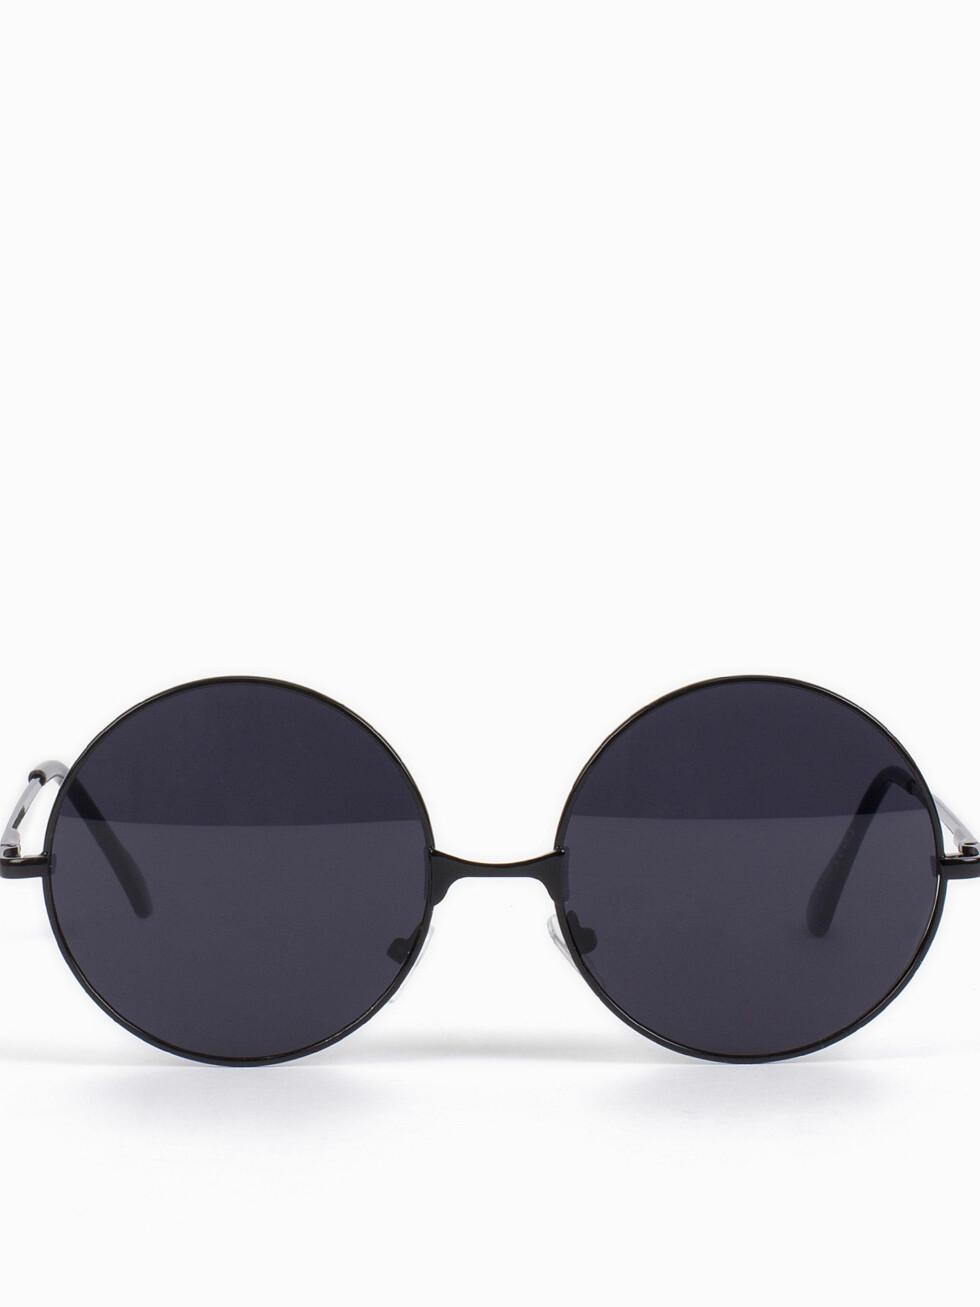 <strong>RUNDE SOLBRILLER:</strong> Har du et langt ansikt, kan du absolutt kle disse brillene! Det er også en form som heter panto, som fortsatt er ganske rund, men flates litt ut på toppen.  Foto: Nelly.com